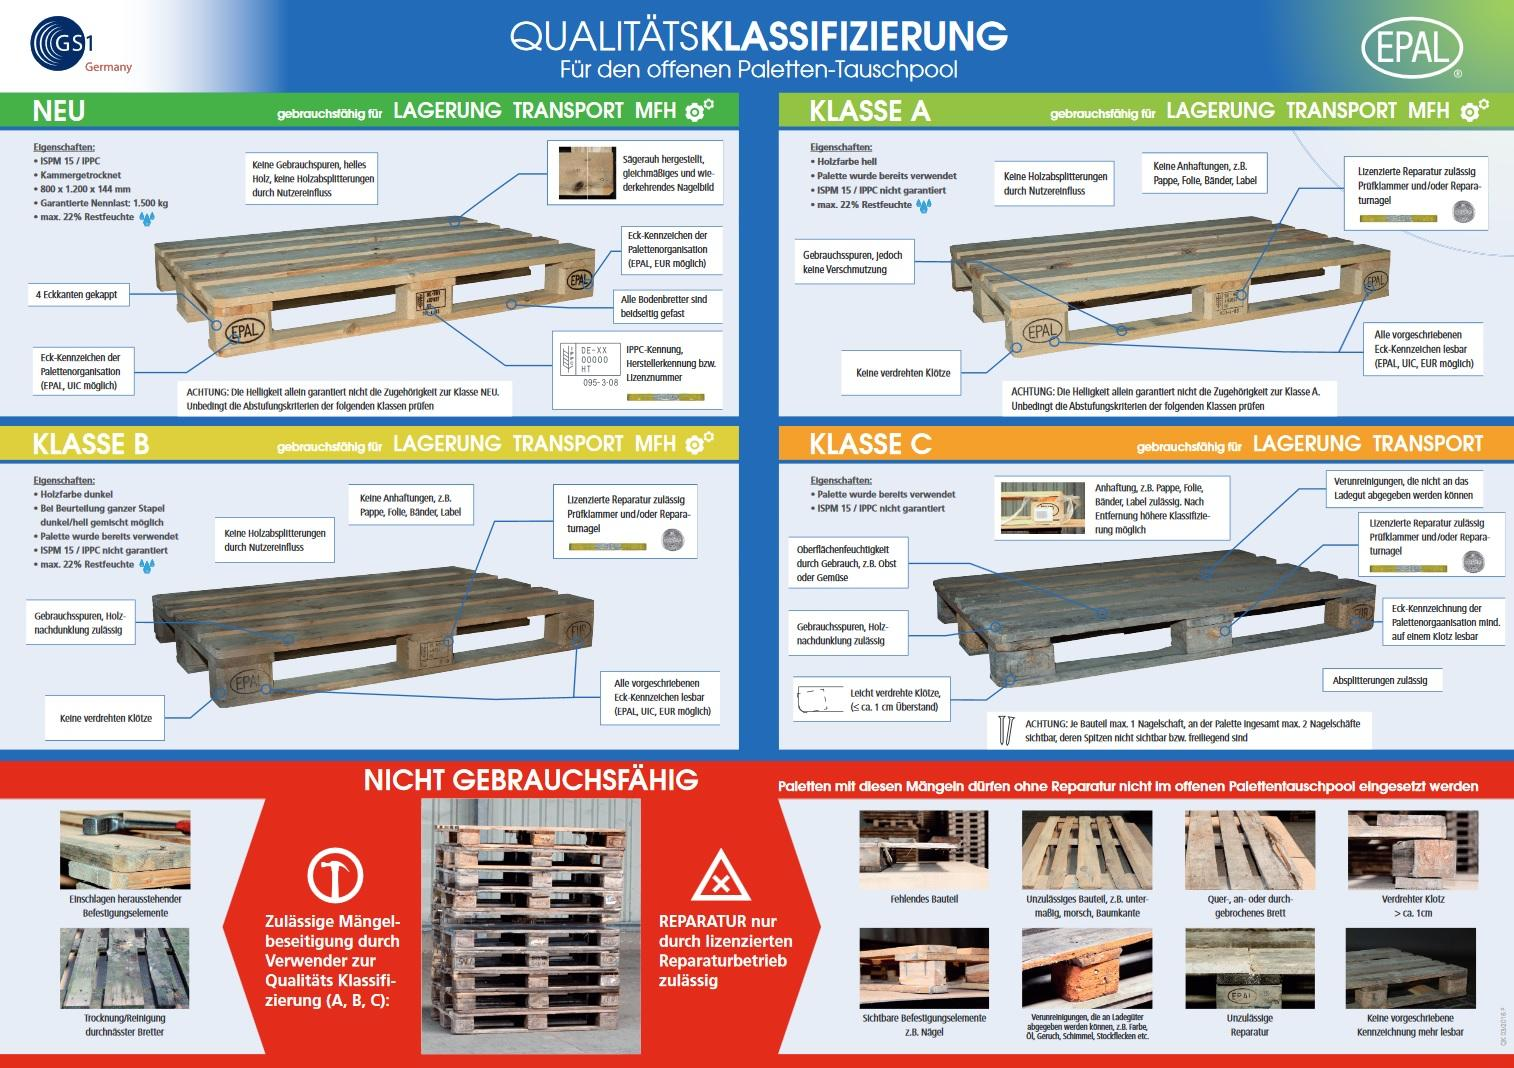 Qualitätsunterschiede- Klassifizierungen und Merkmale der Europaletten